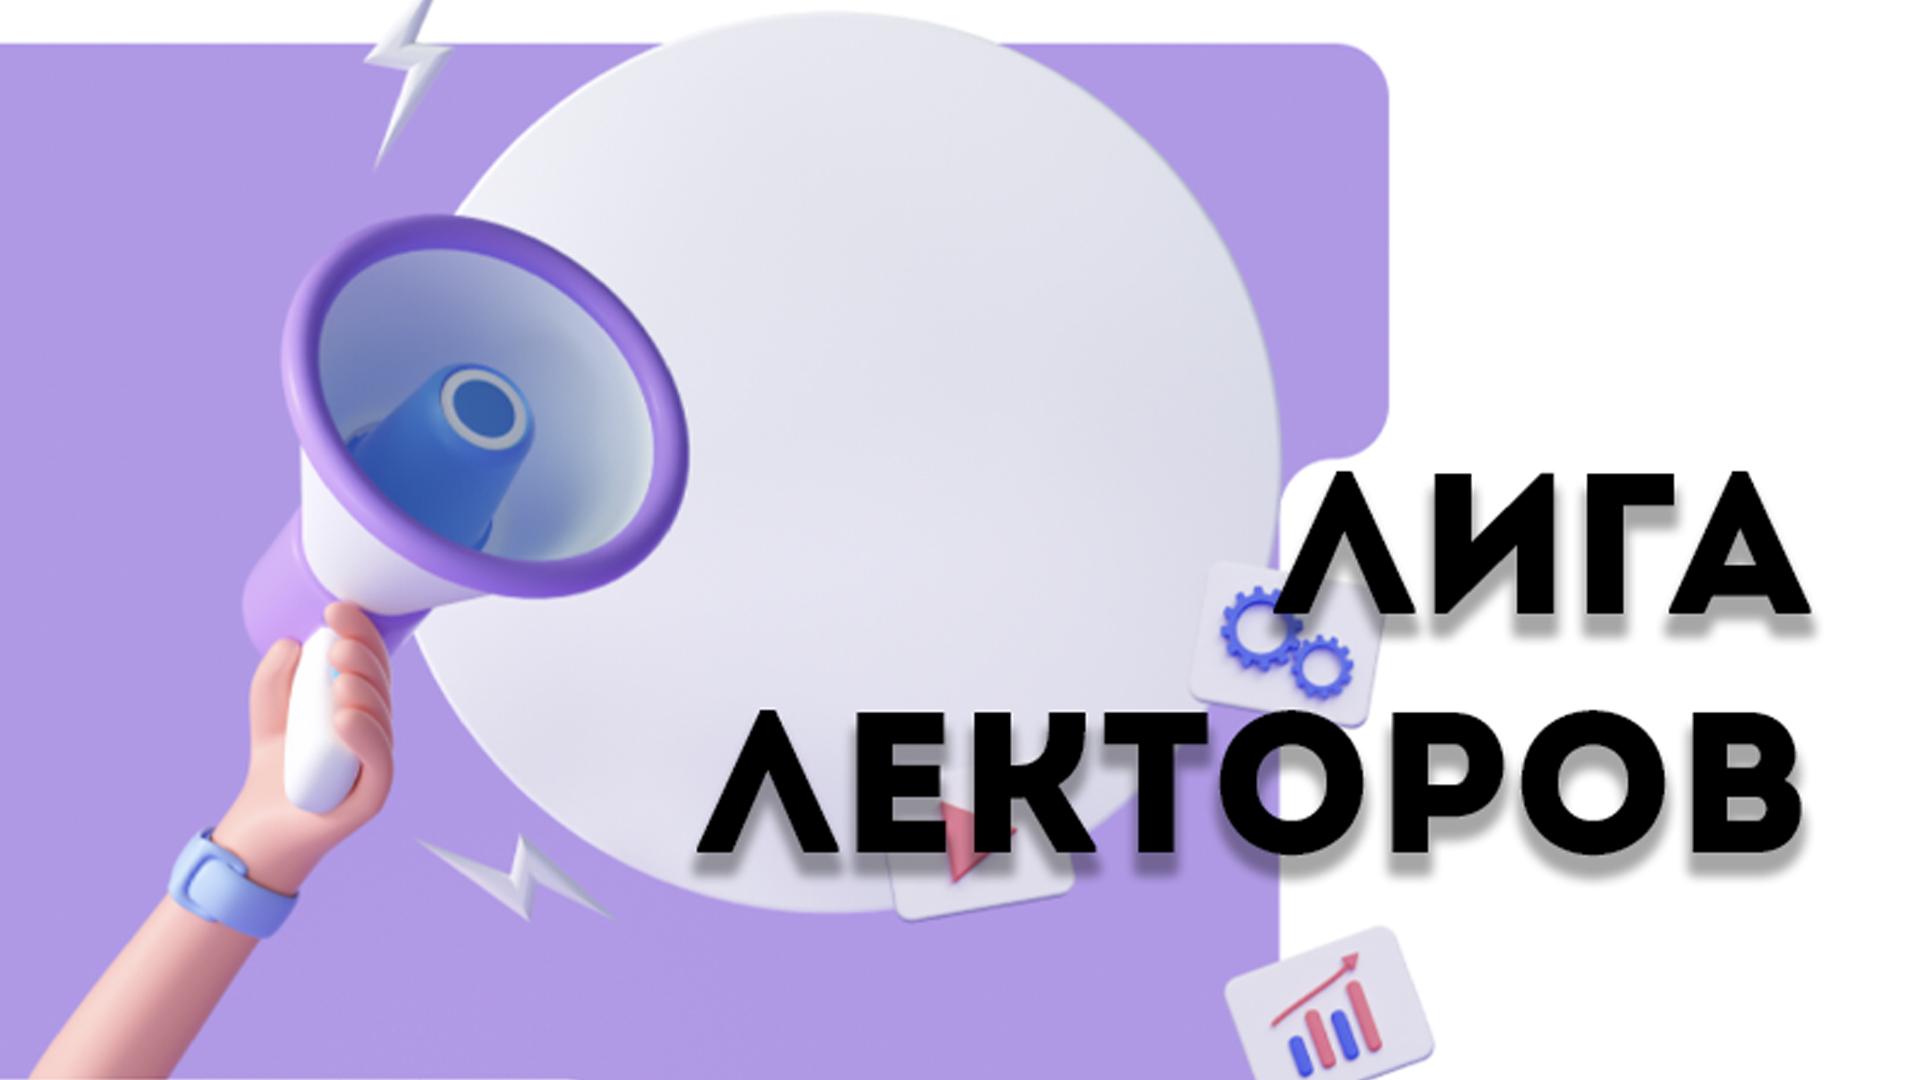 Конкурс «ЛИГА ЛЕКТОРОВ»